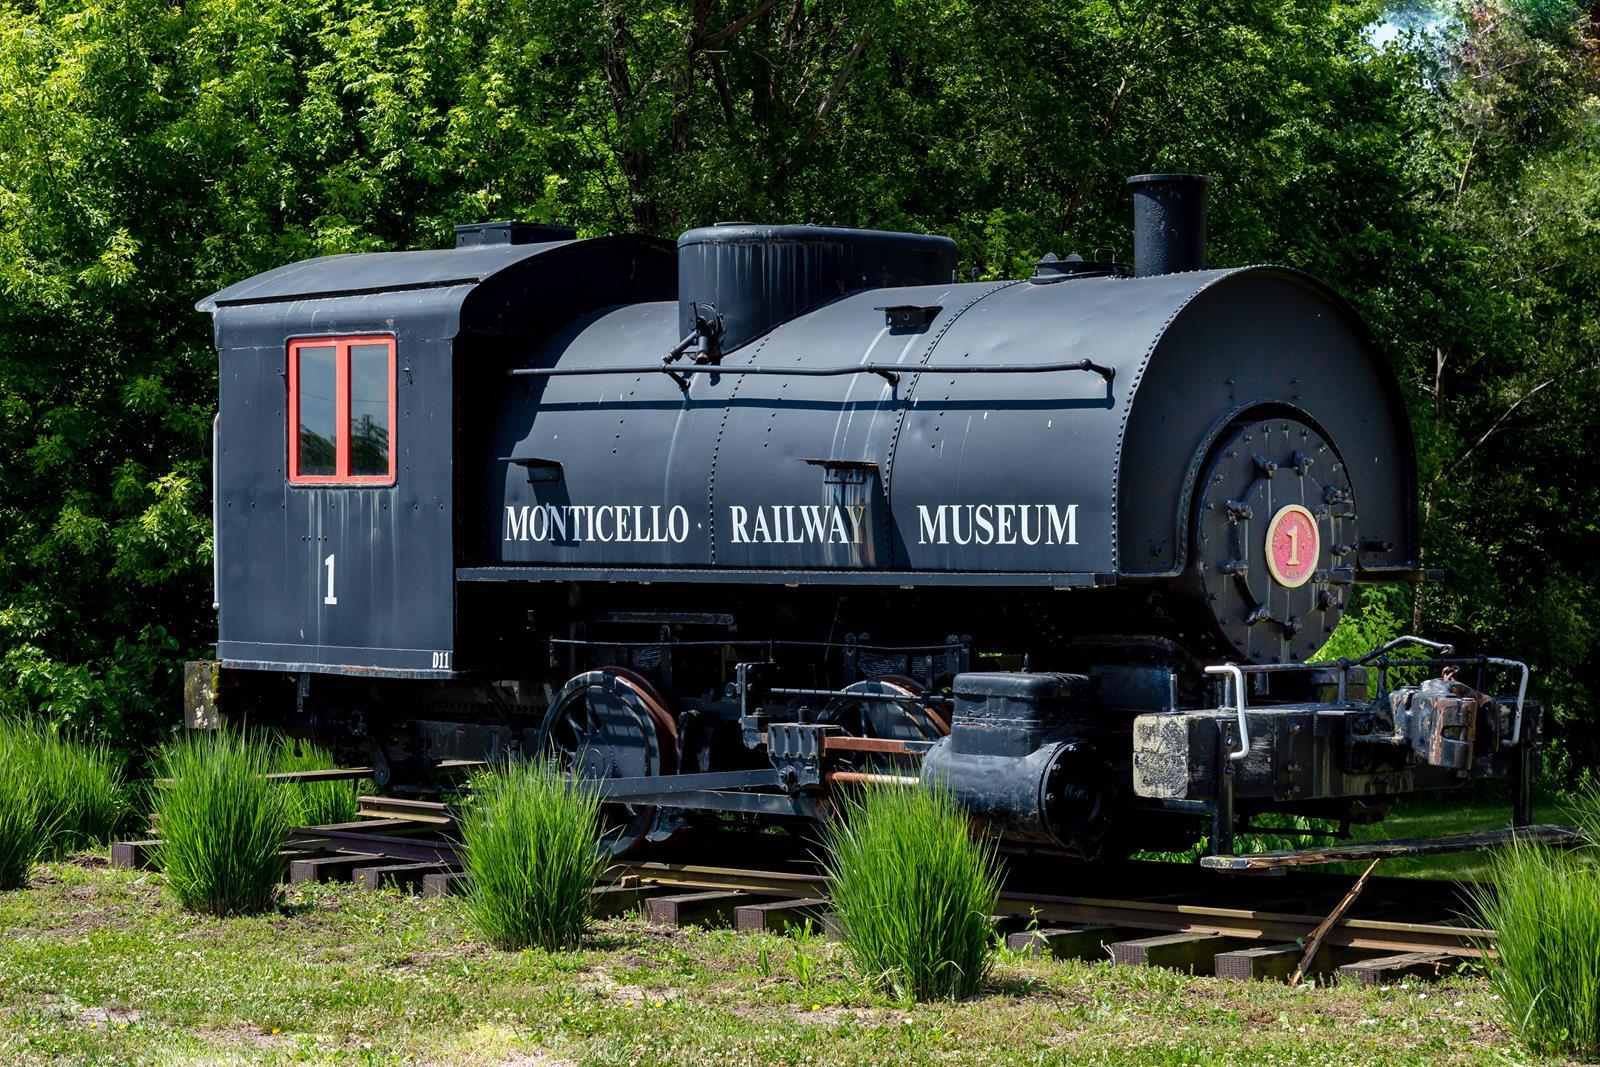 Monticello Railway Train